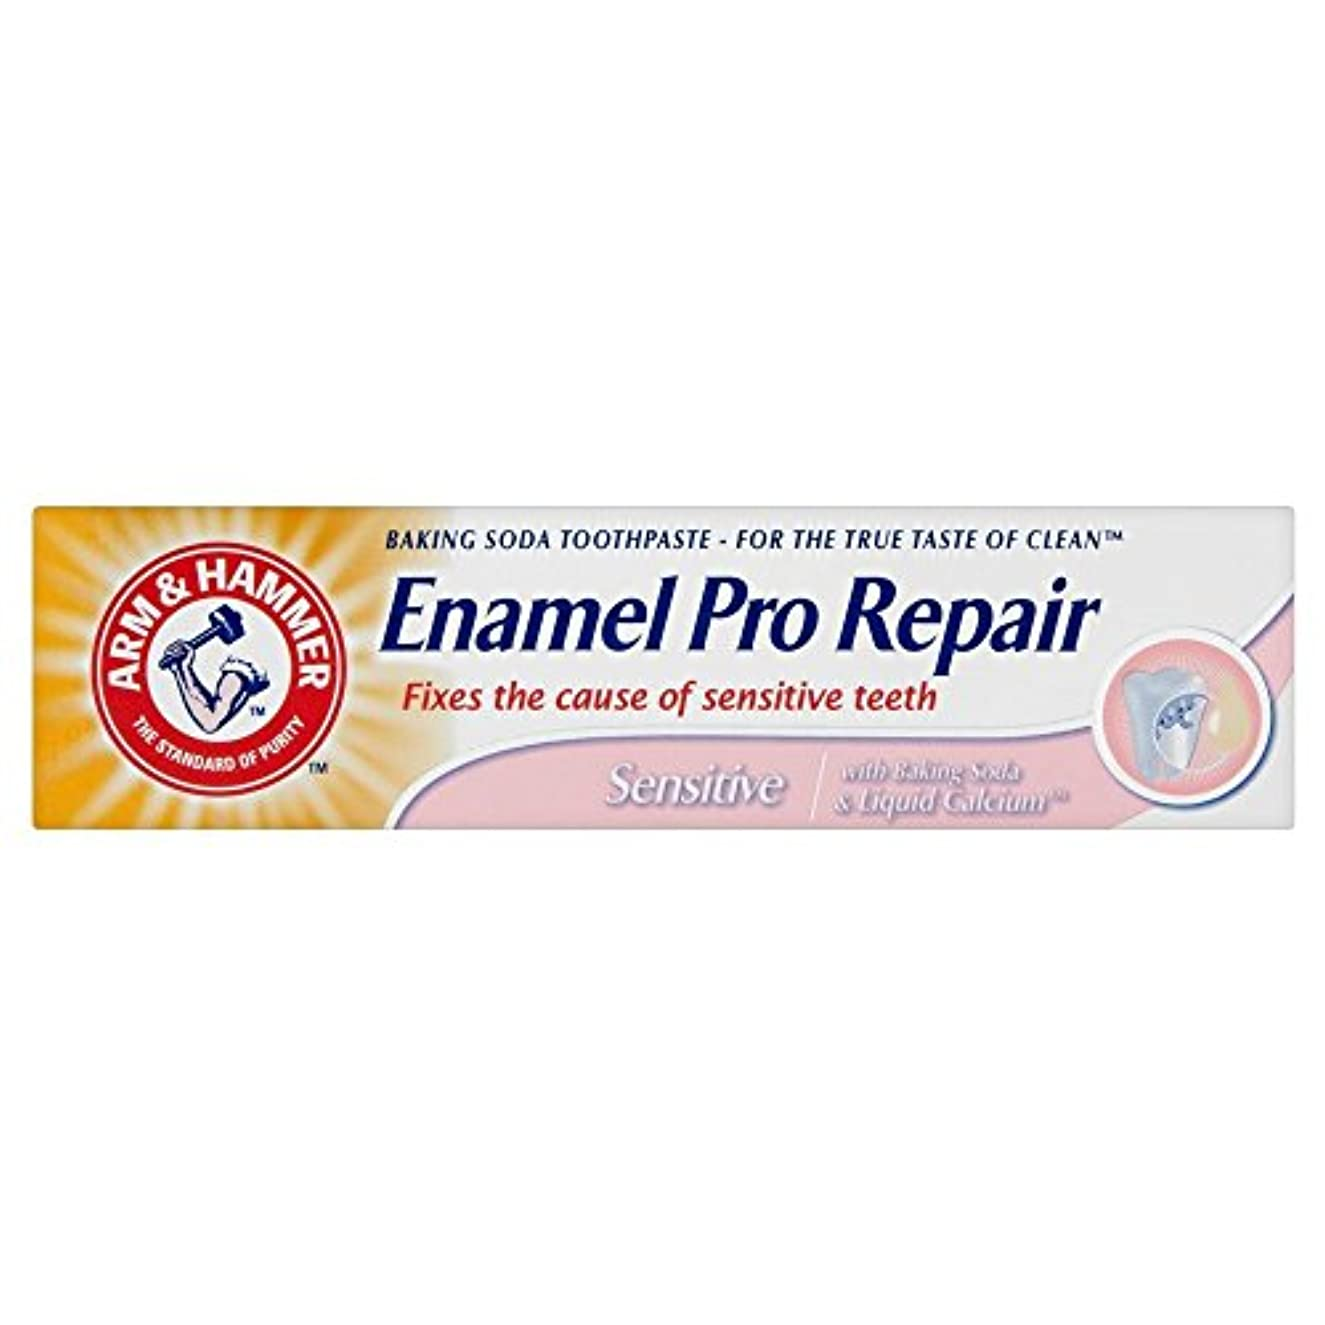 機構講堂飼いならすArm & Hammer Enamel Care Sensitive Toothpaste Tube (75ml) アームとハンマーエナメルケア敏感歯磨き粉のチューブ( 75ミリリットル) [並行輸入品]